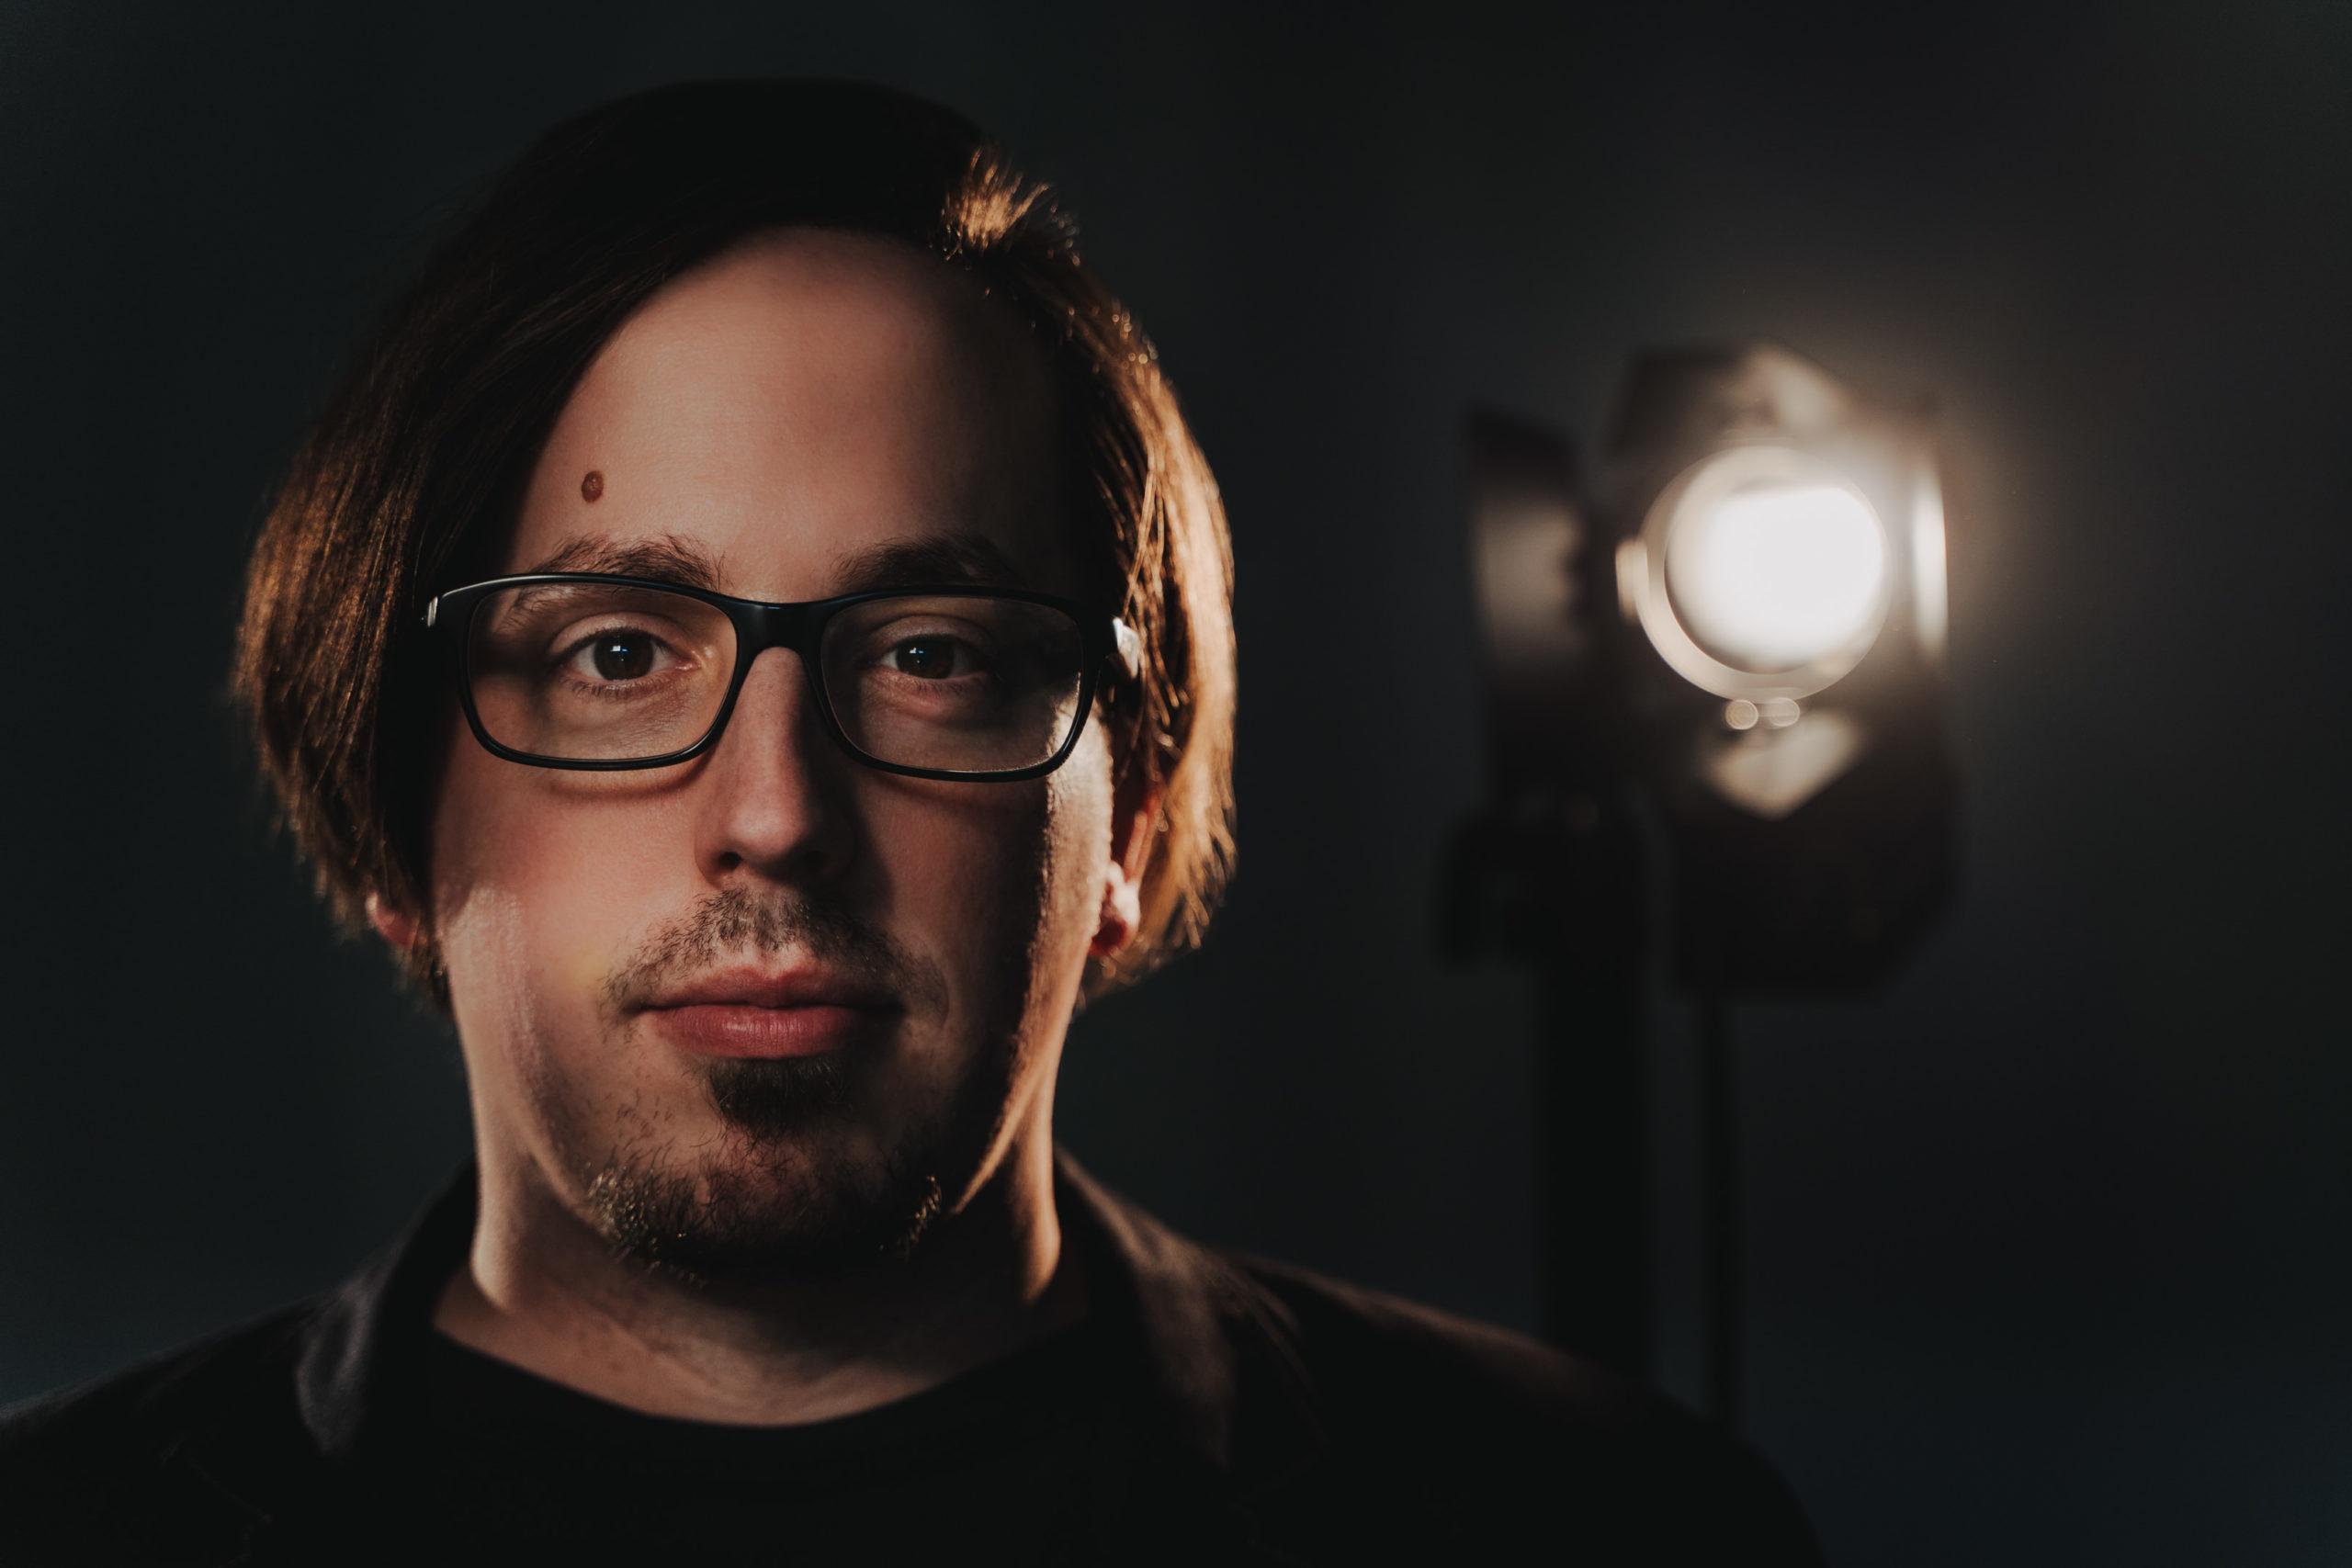 Medienberater und Kommunikationsentwickler Samuel Kümmel